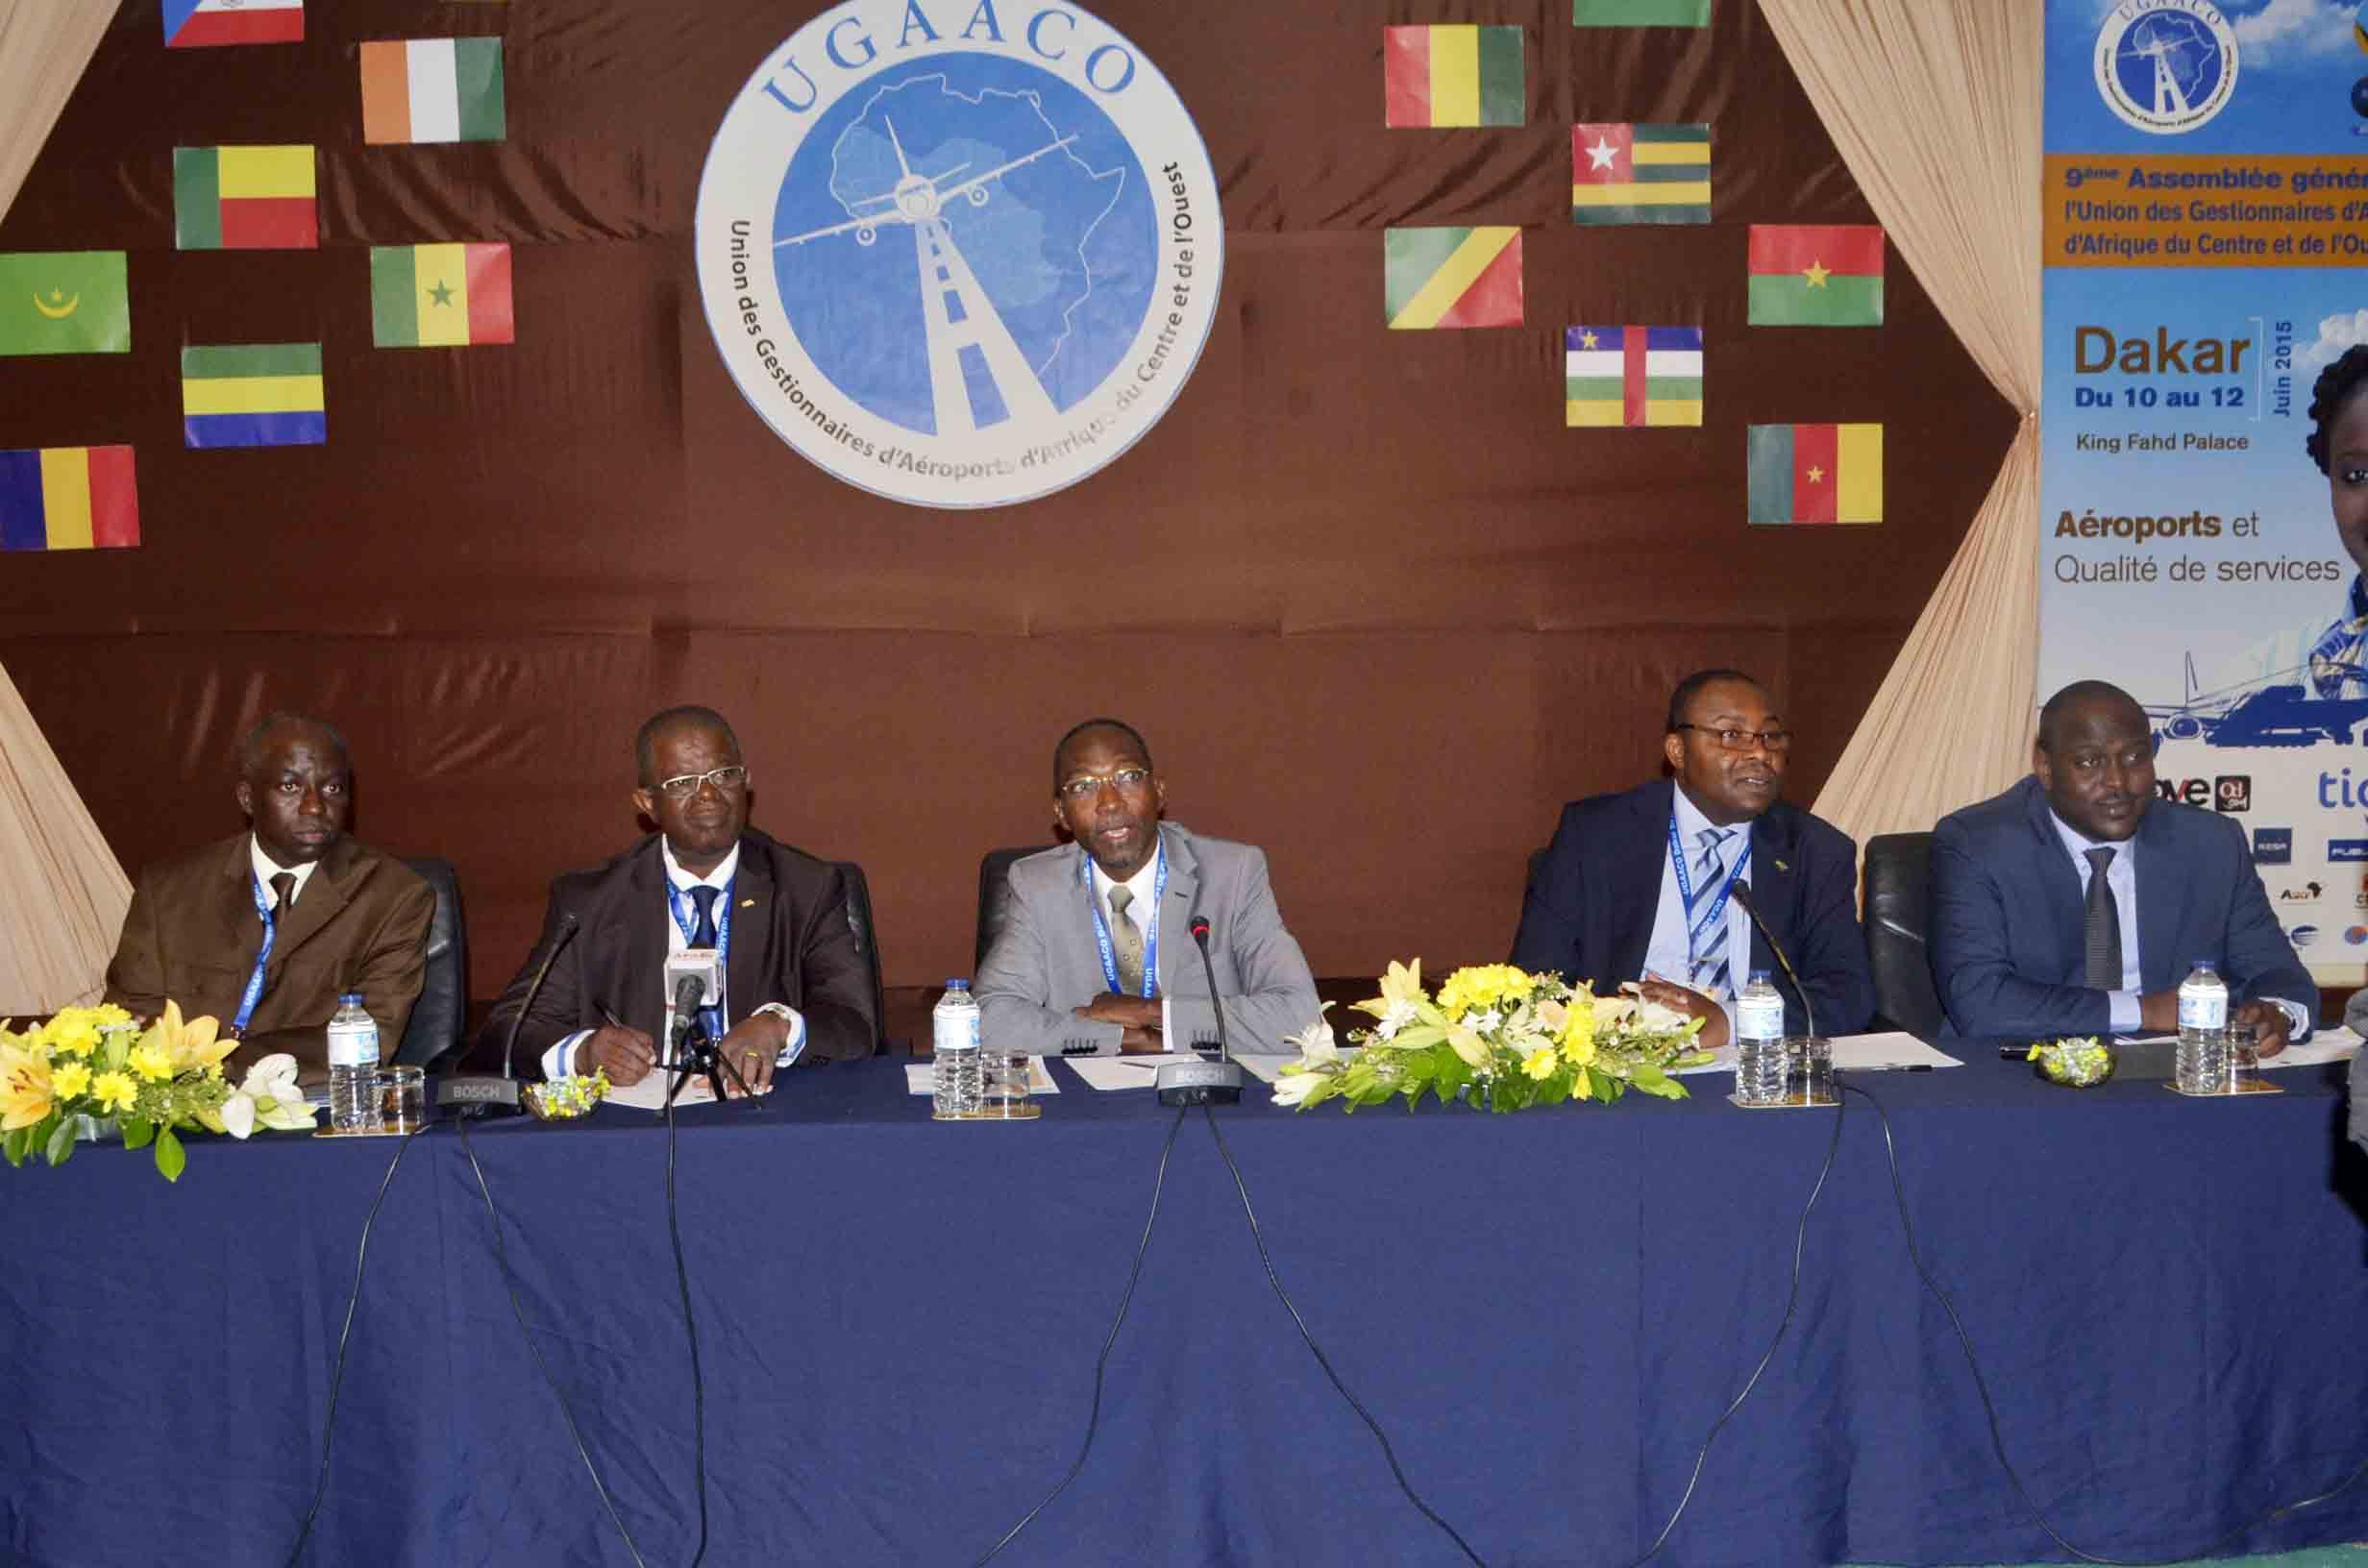 Assemblée Générale de l'UGAACO : Papa Maël Diop, nouveau Président